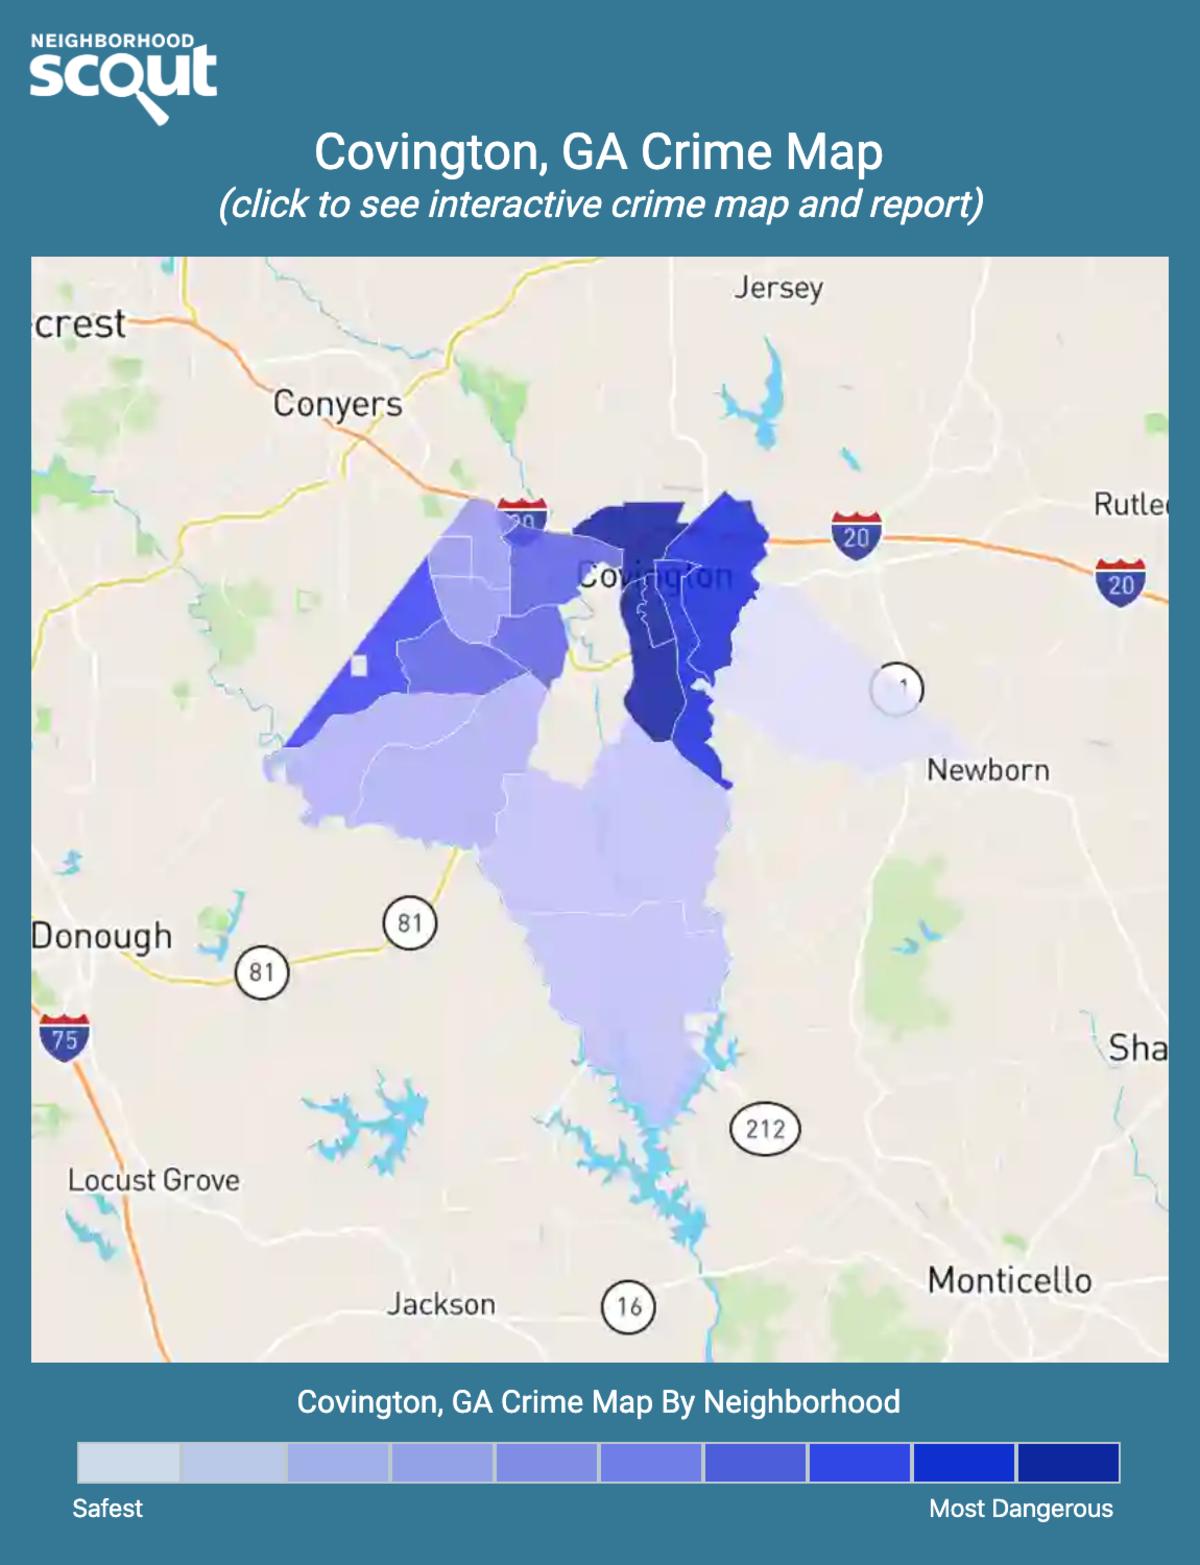 Covington, Georgia crime map